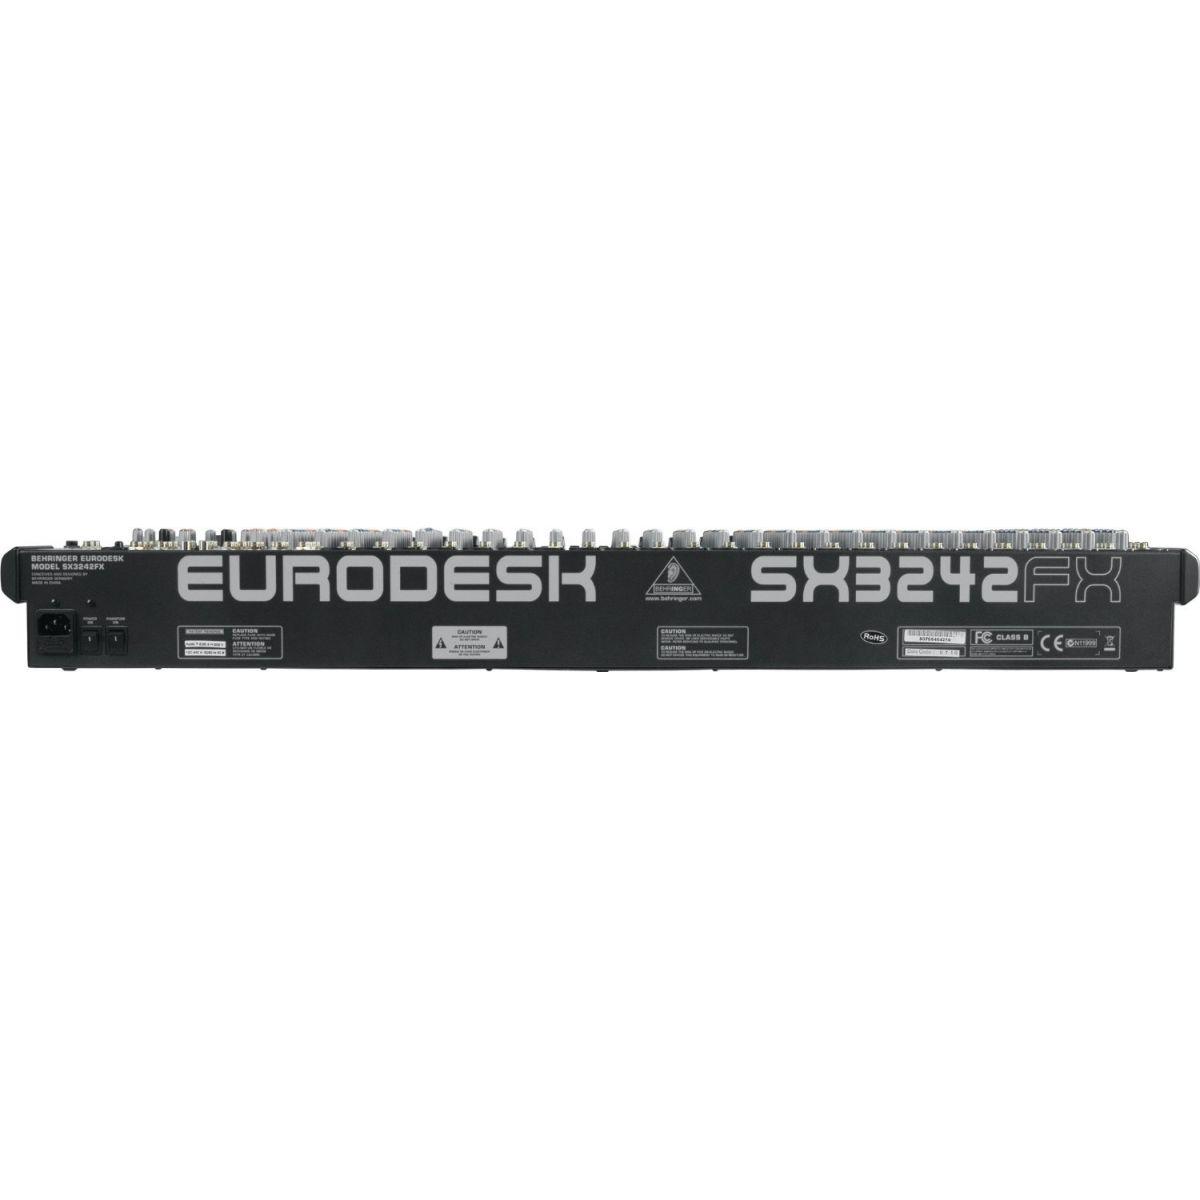 Mesa De Som Behringer Eurodesk Sx3242fx 32 Entradas C/ Efeitos